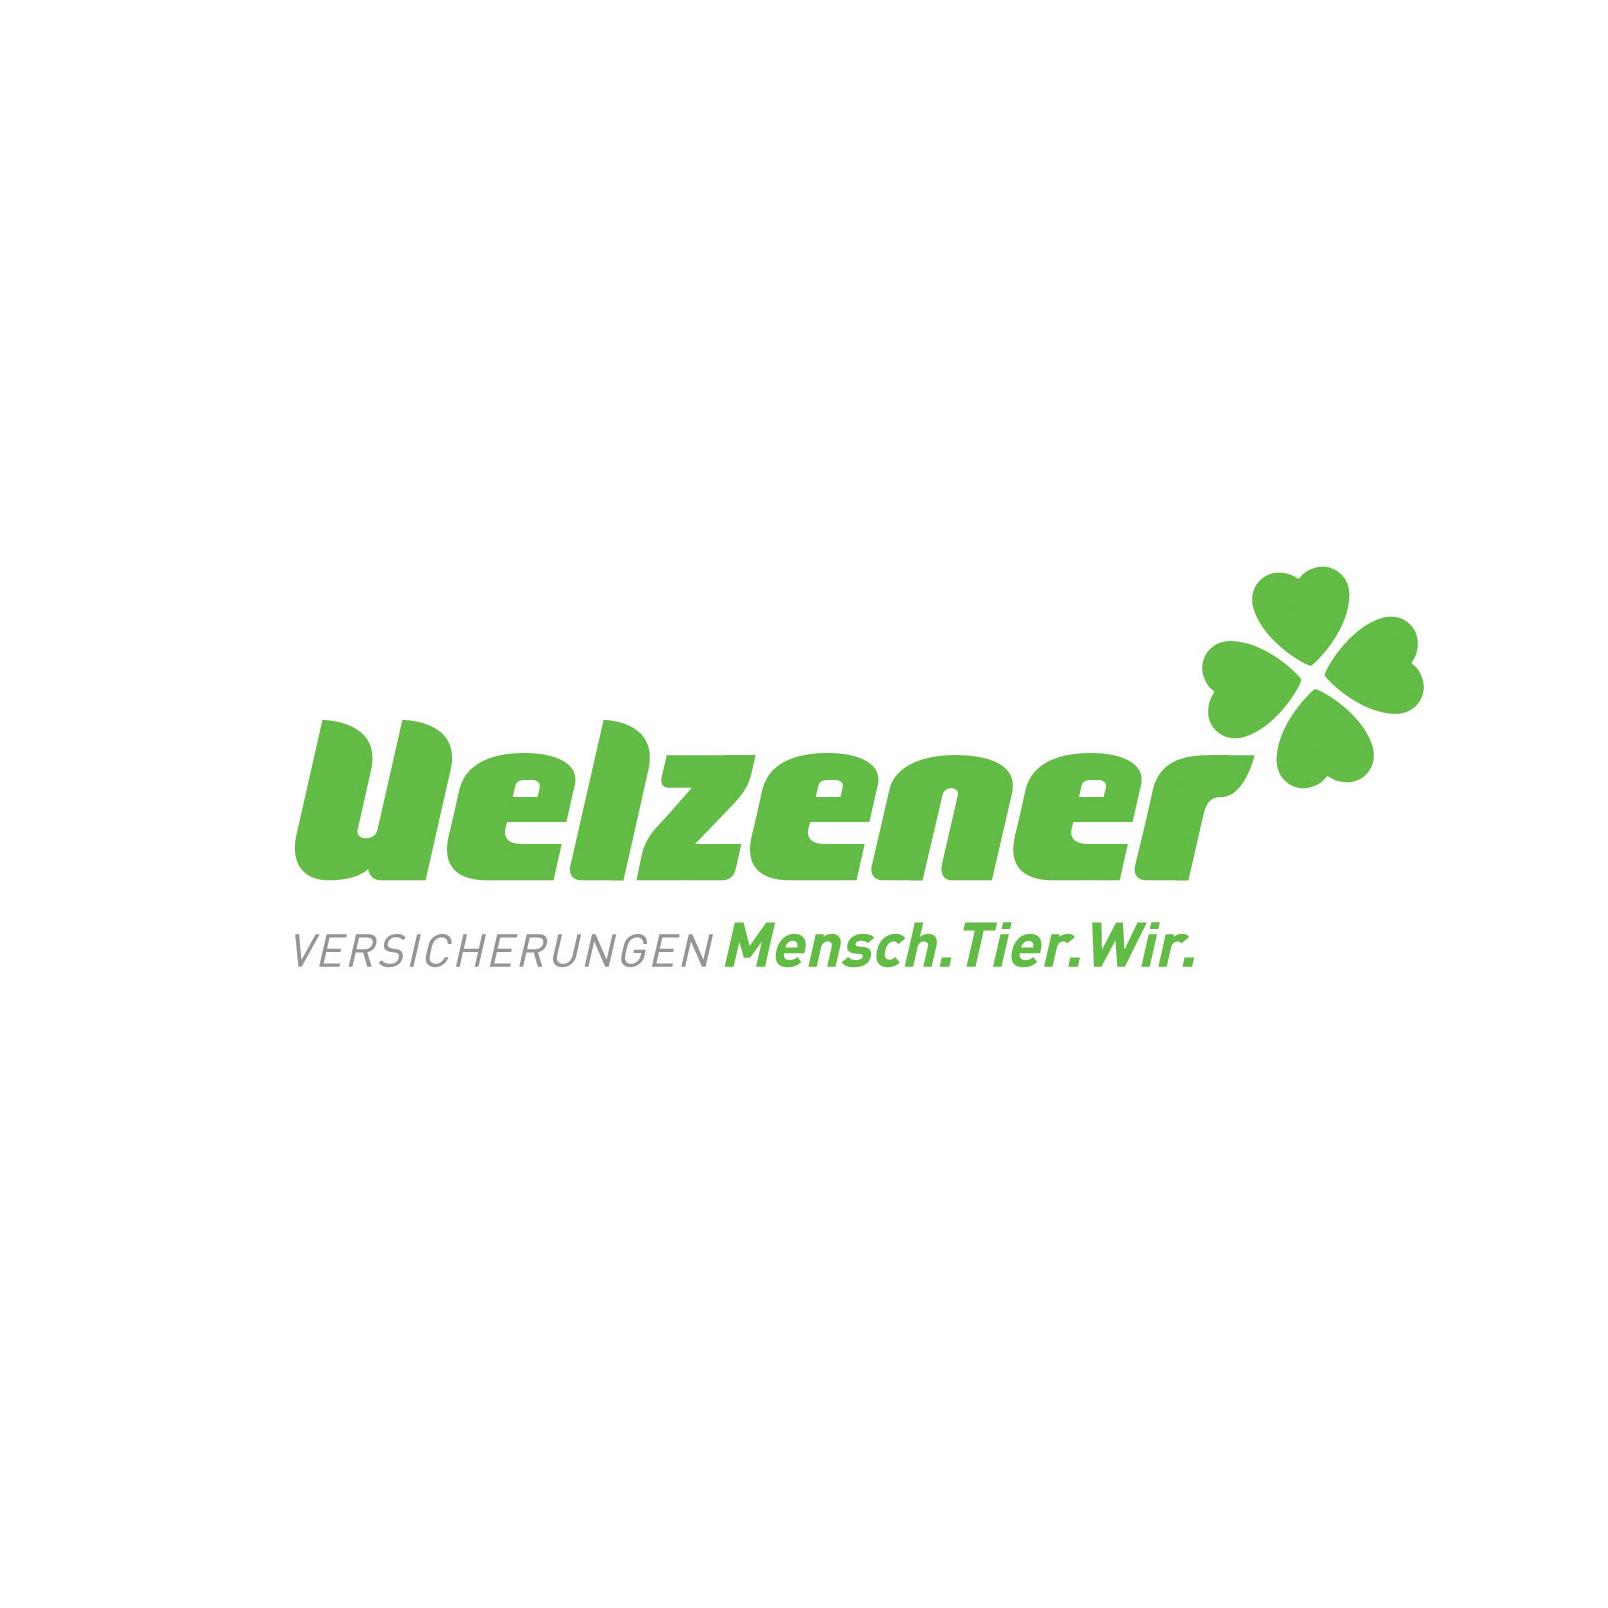 Partnerlogo Uelzener Versicherungen